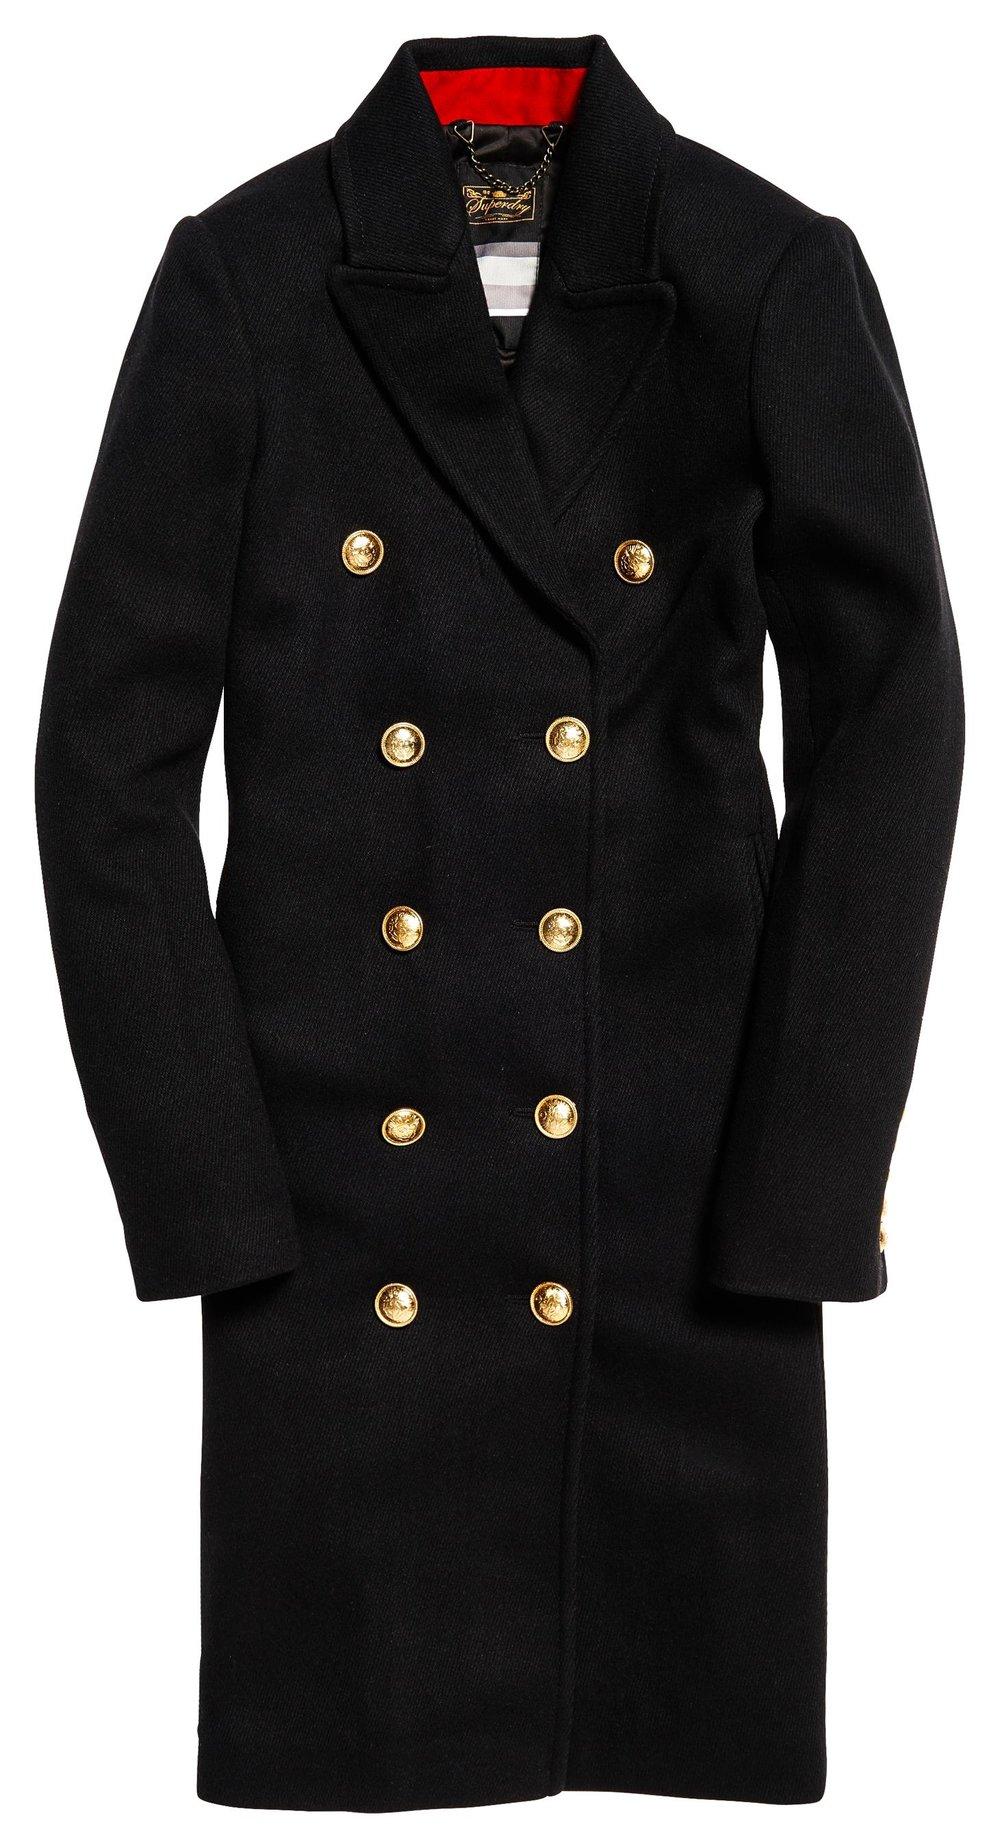 Superdry Priya Long Military Coat £144.99 - 209.95€ www.superdry.com.jpg